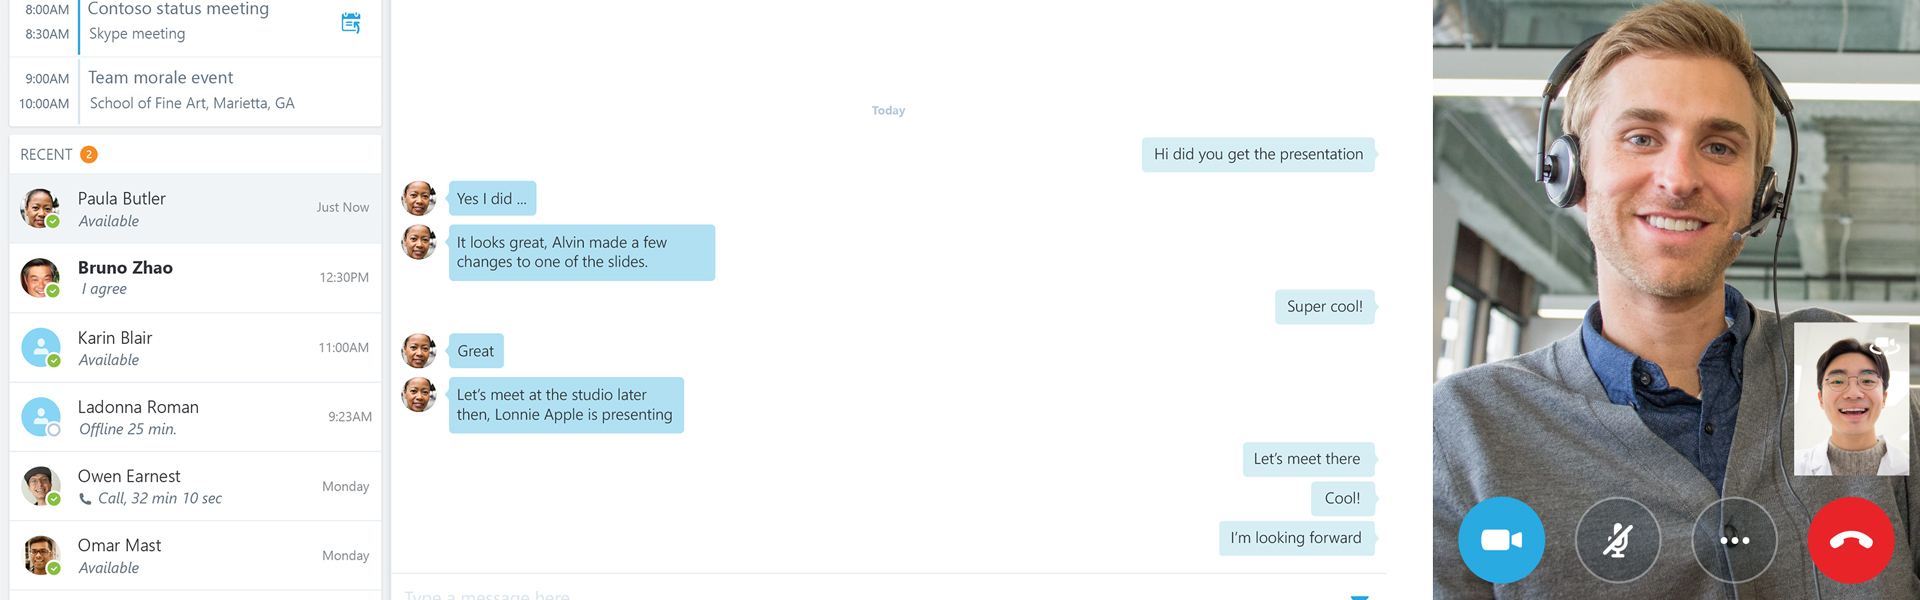 Skype for Business Oberfläche mit angezeigtem Chat und einem Video-Telefongespräch